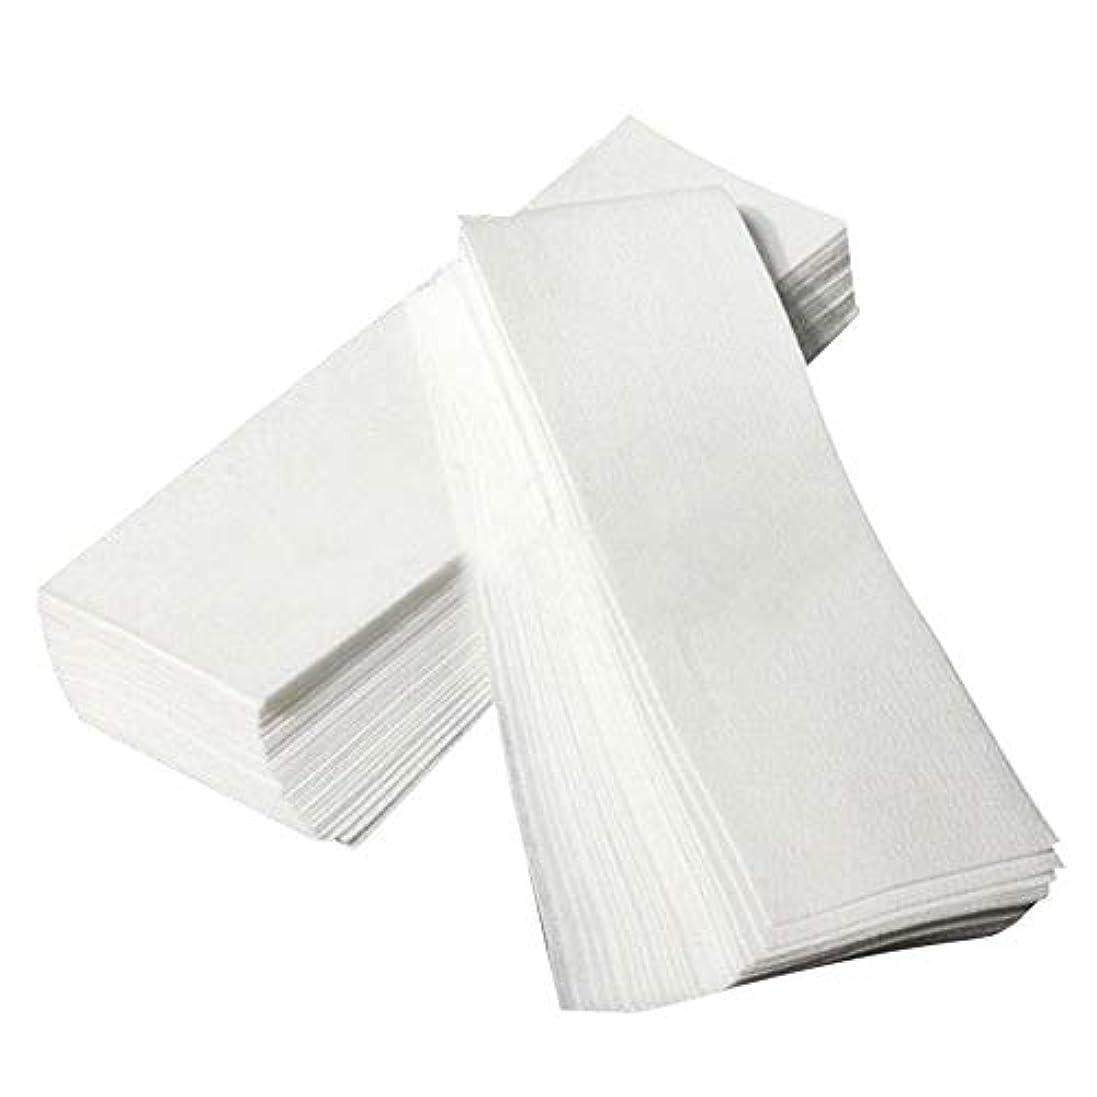 売るブランチ移植使い捨て 脱毛紙 100シート/パック 不織布 美容ツール 脱毛器 女性たち スムーズな脚のワックスがけ